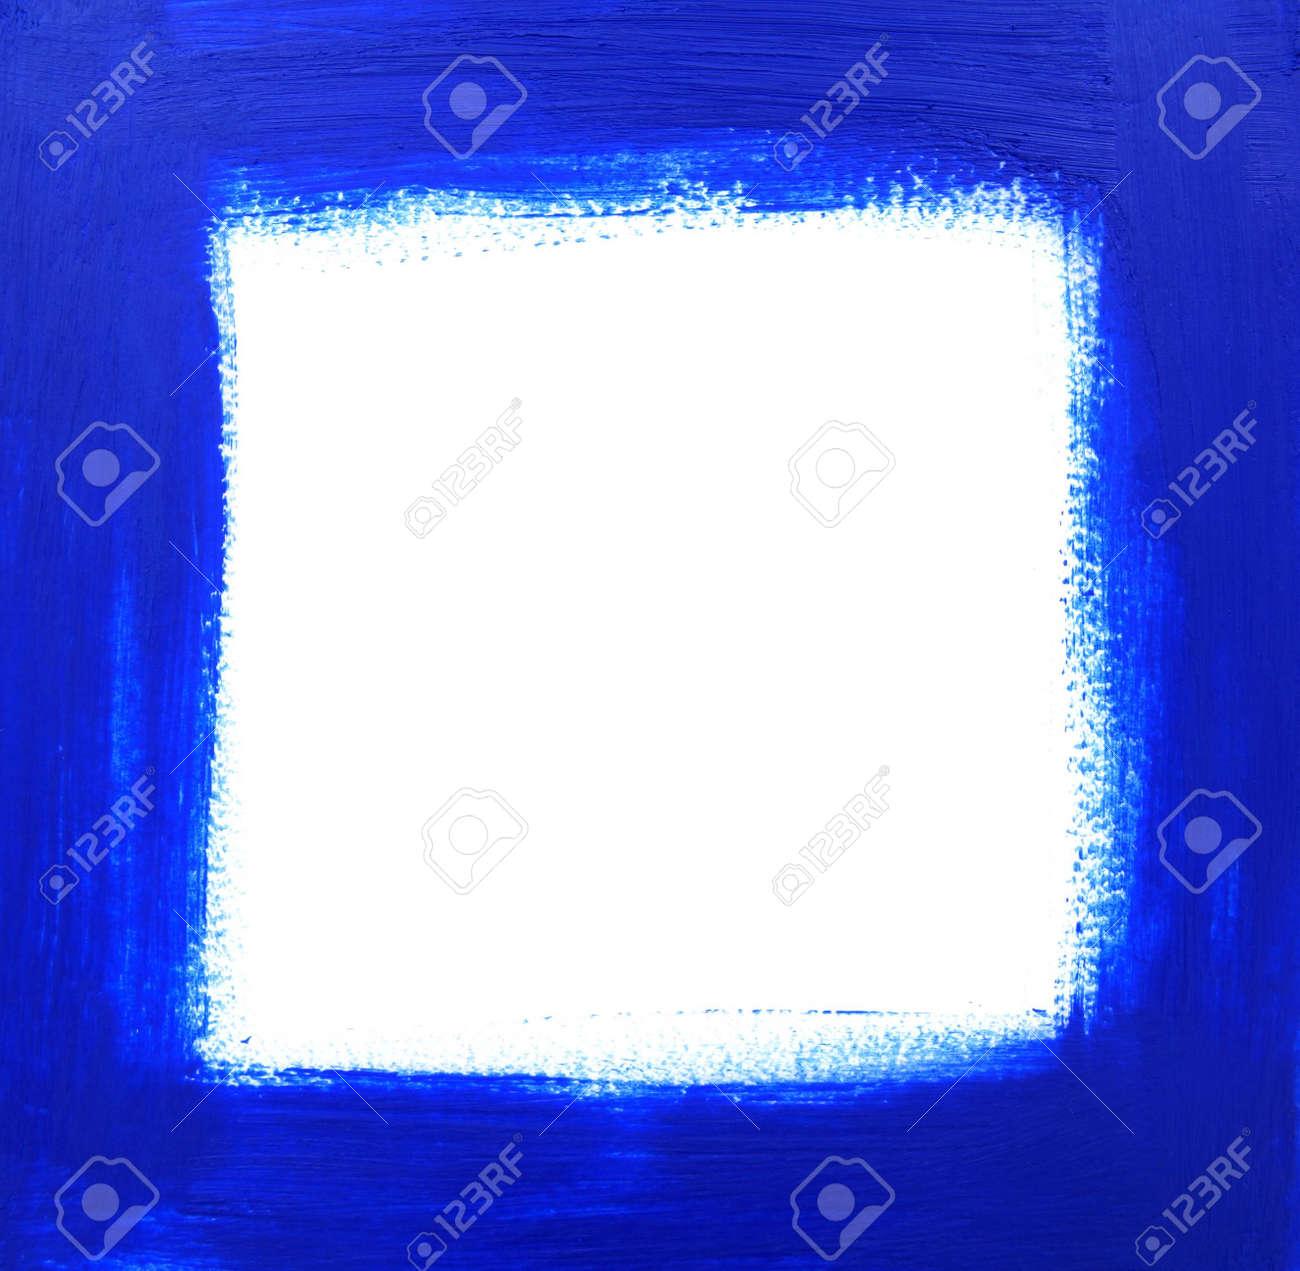 Rough Öl-blau Lackierten Rahmen Mit Platz Für Die Kopie. Lizenzfreie ...